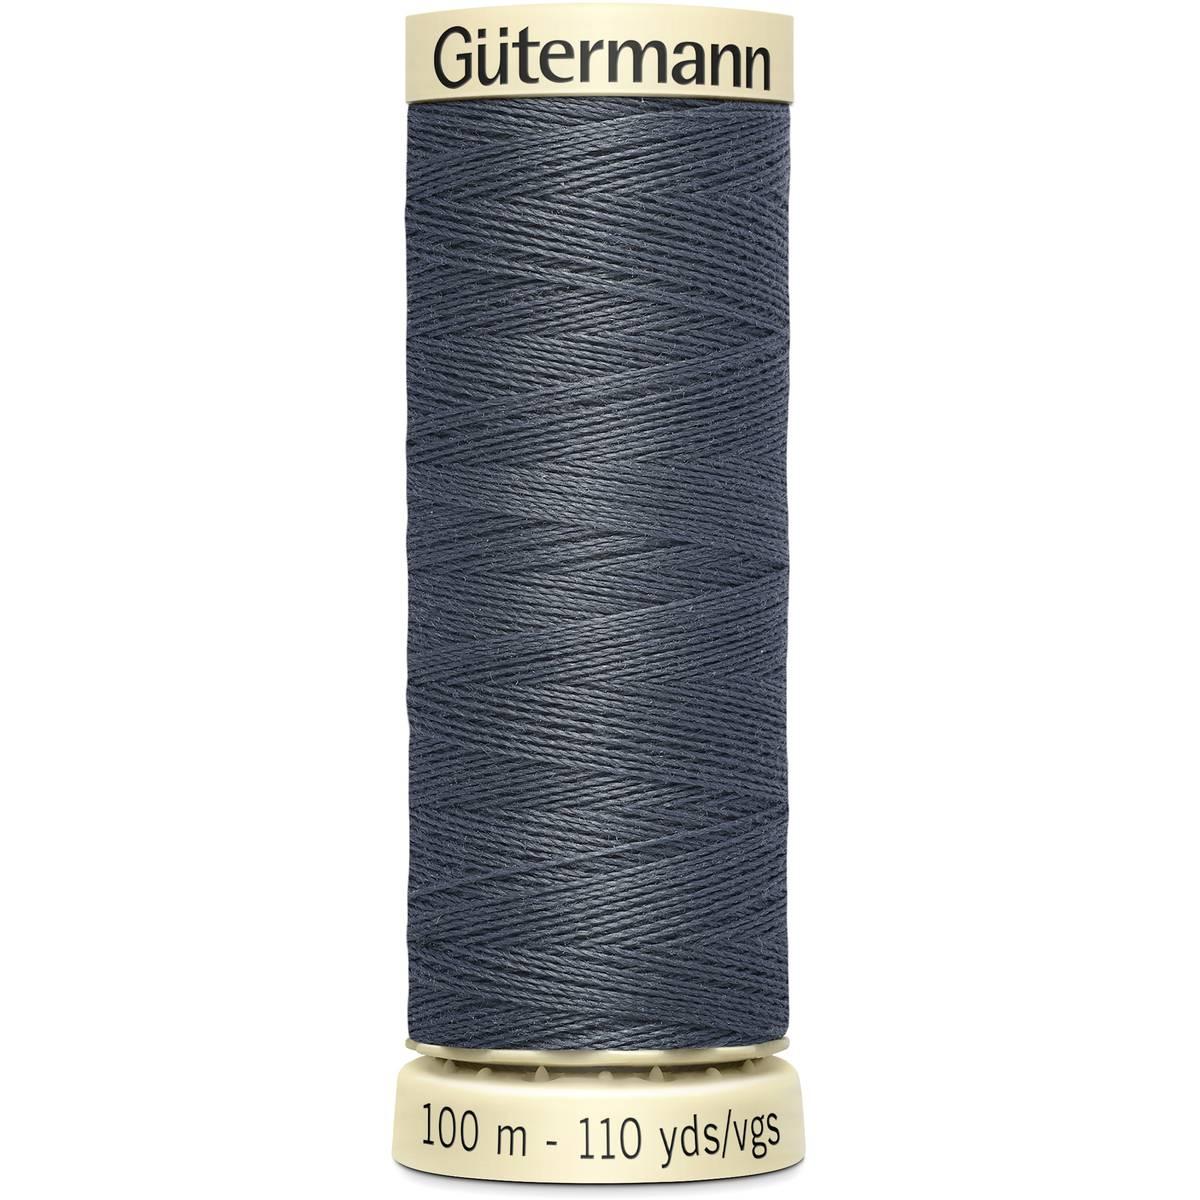 חוט תפירה גוטרמן - Grey 93